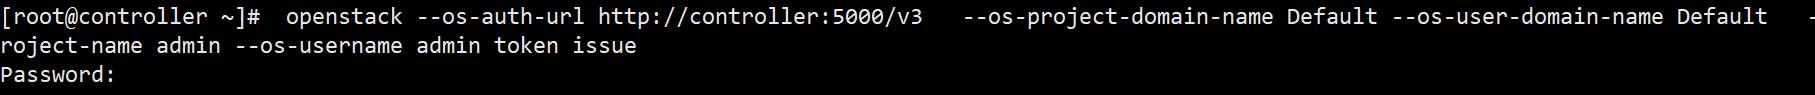 搭建Openstack开源云计算平台插图91